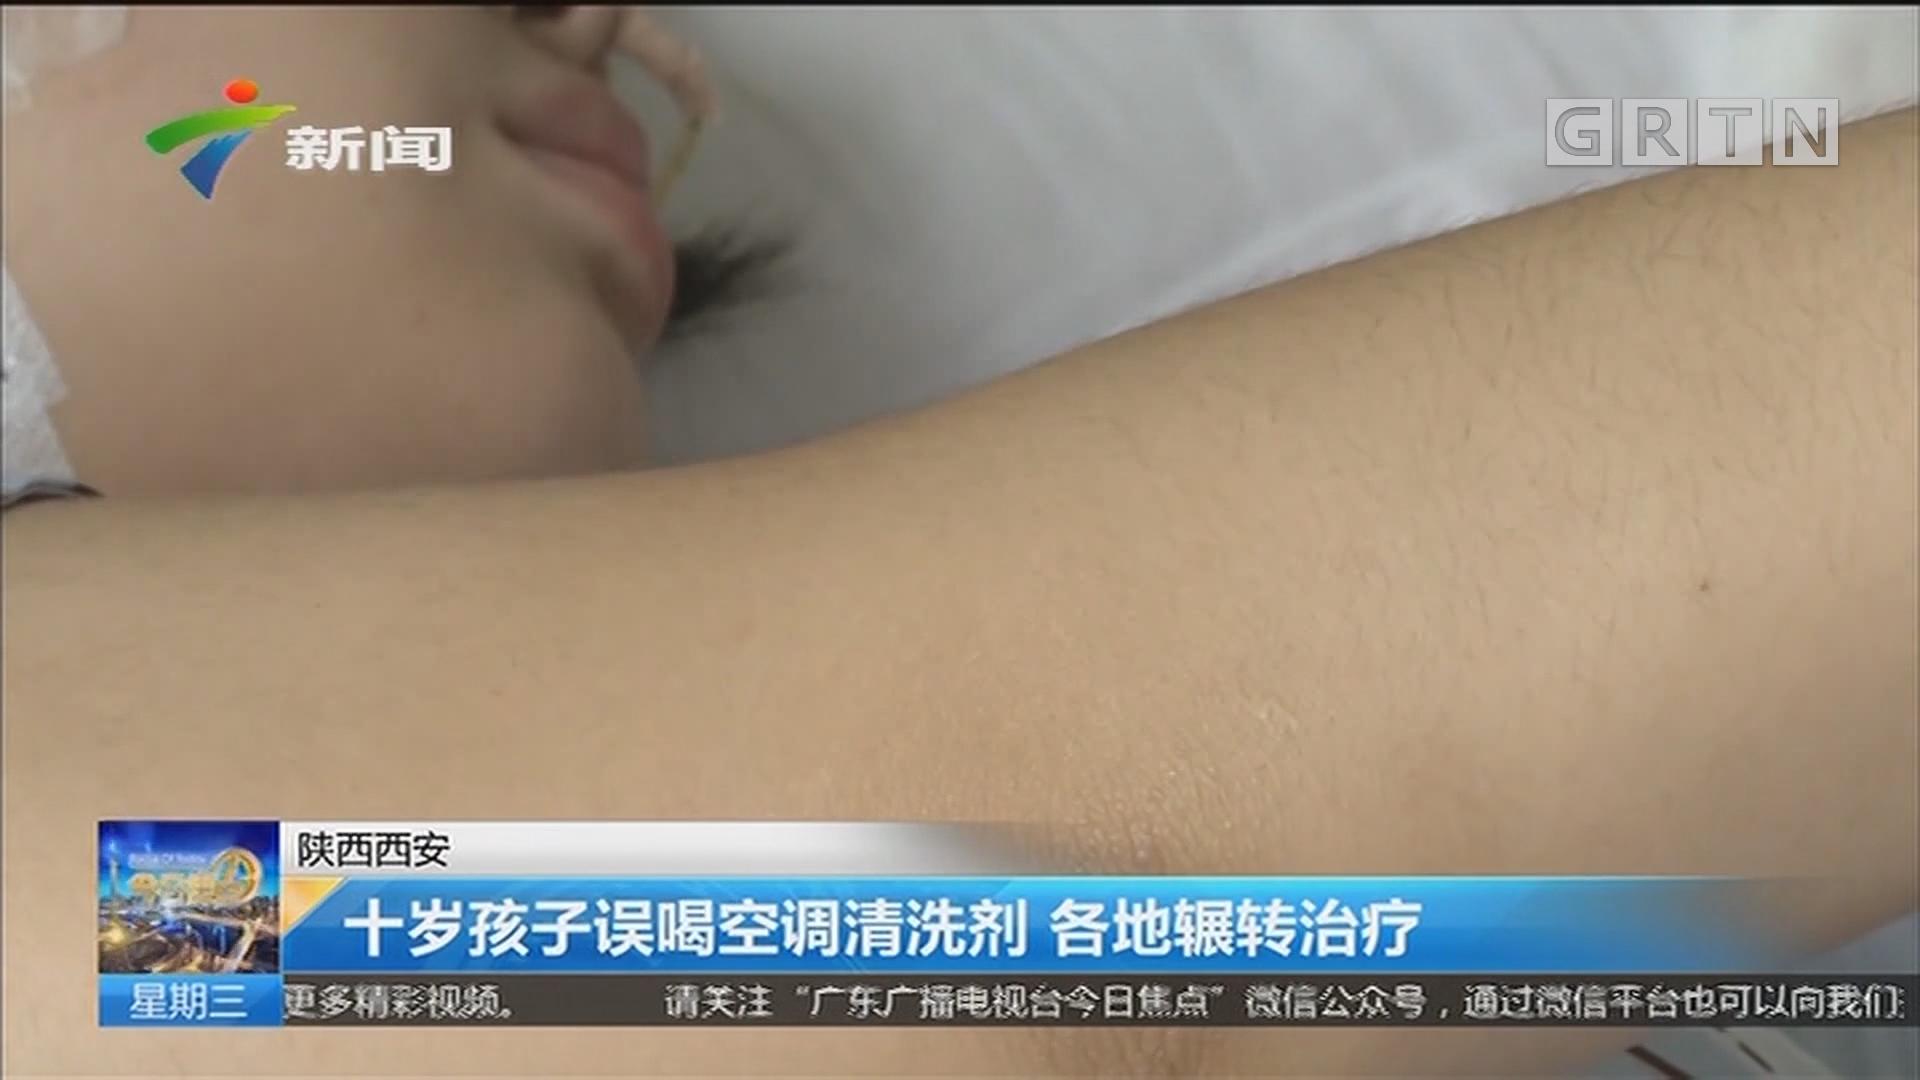 陕西西安:十岁孩子误喝空调清洗剂 各地辗转治疗